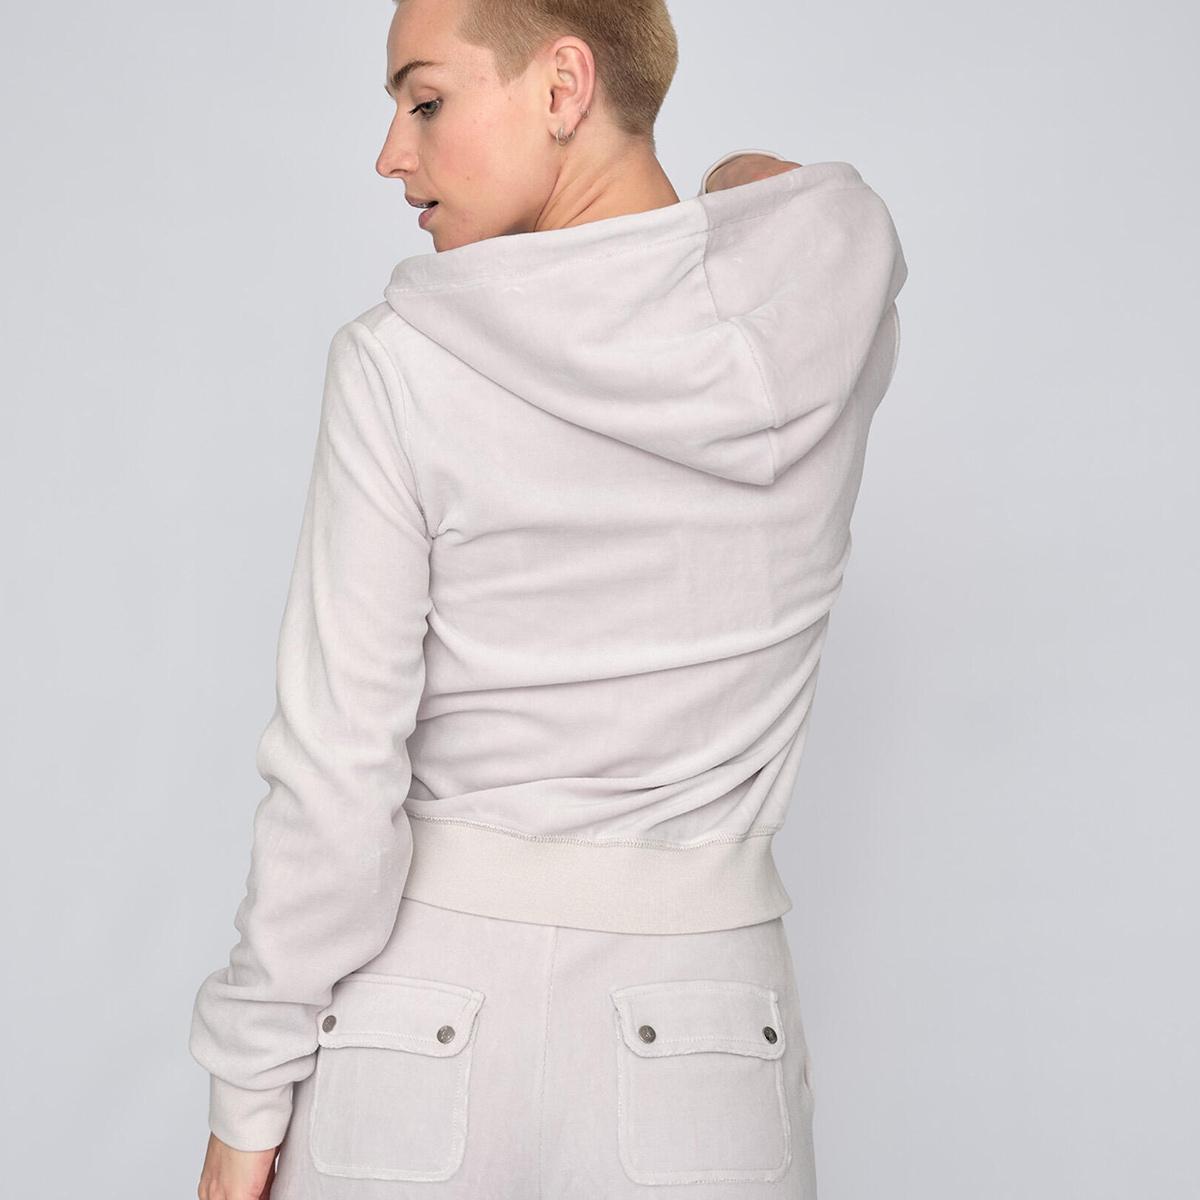 Juicy Couture - Jakke Robertson Cotton Rich Quiet Grey